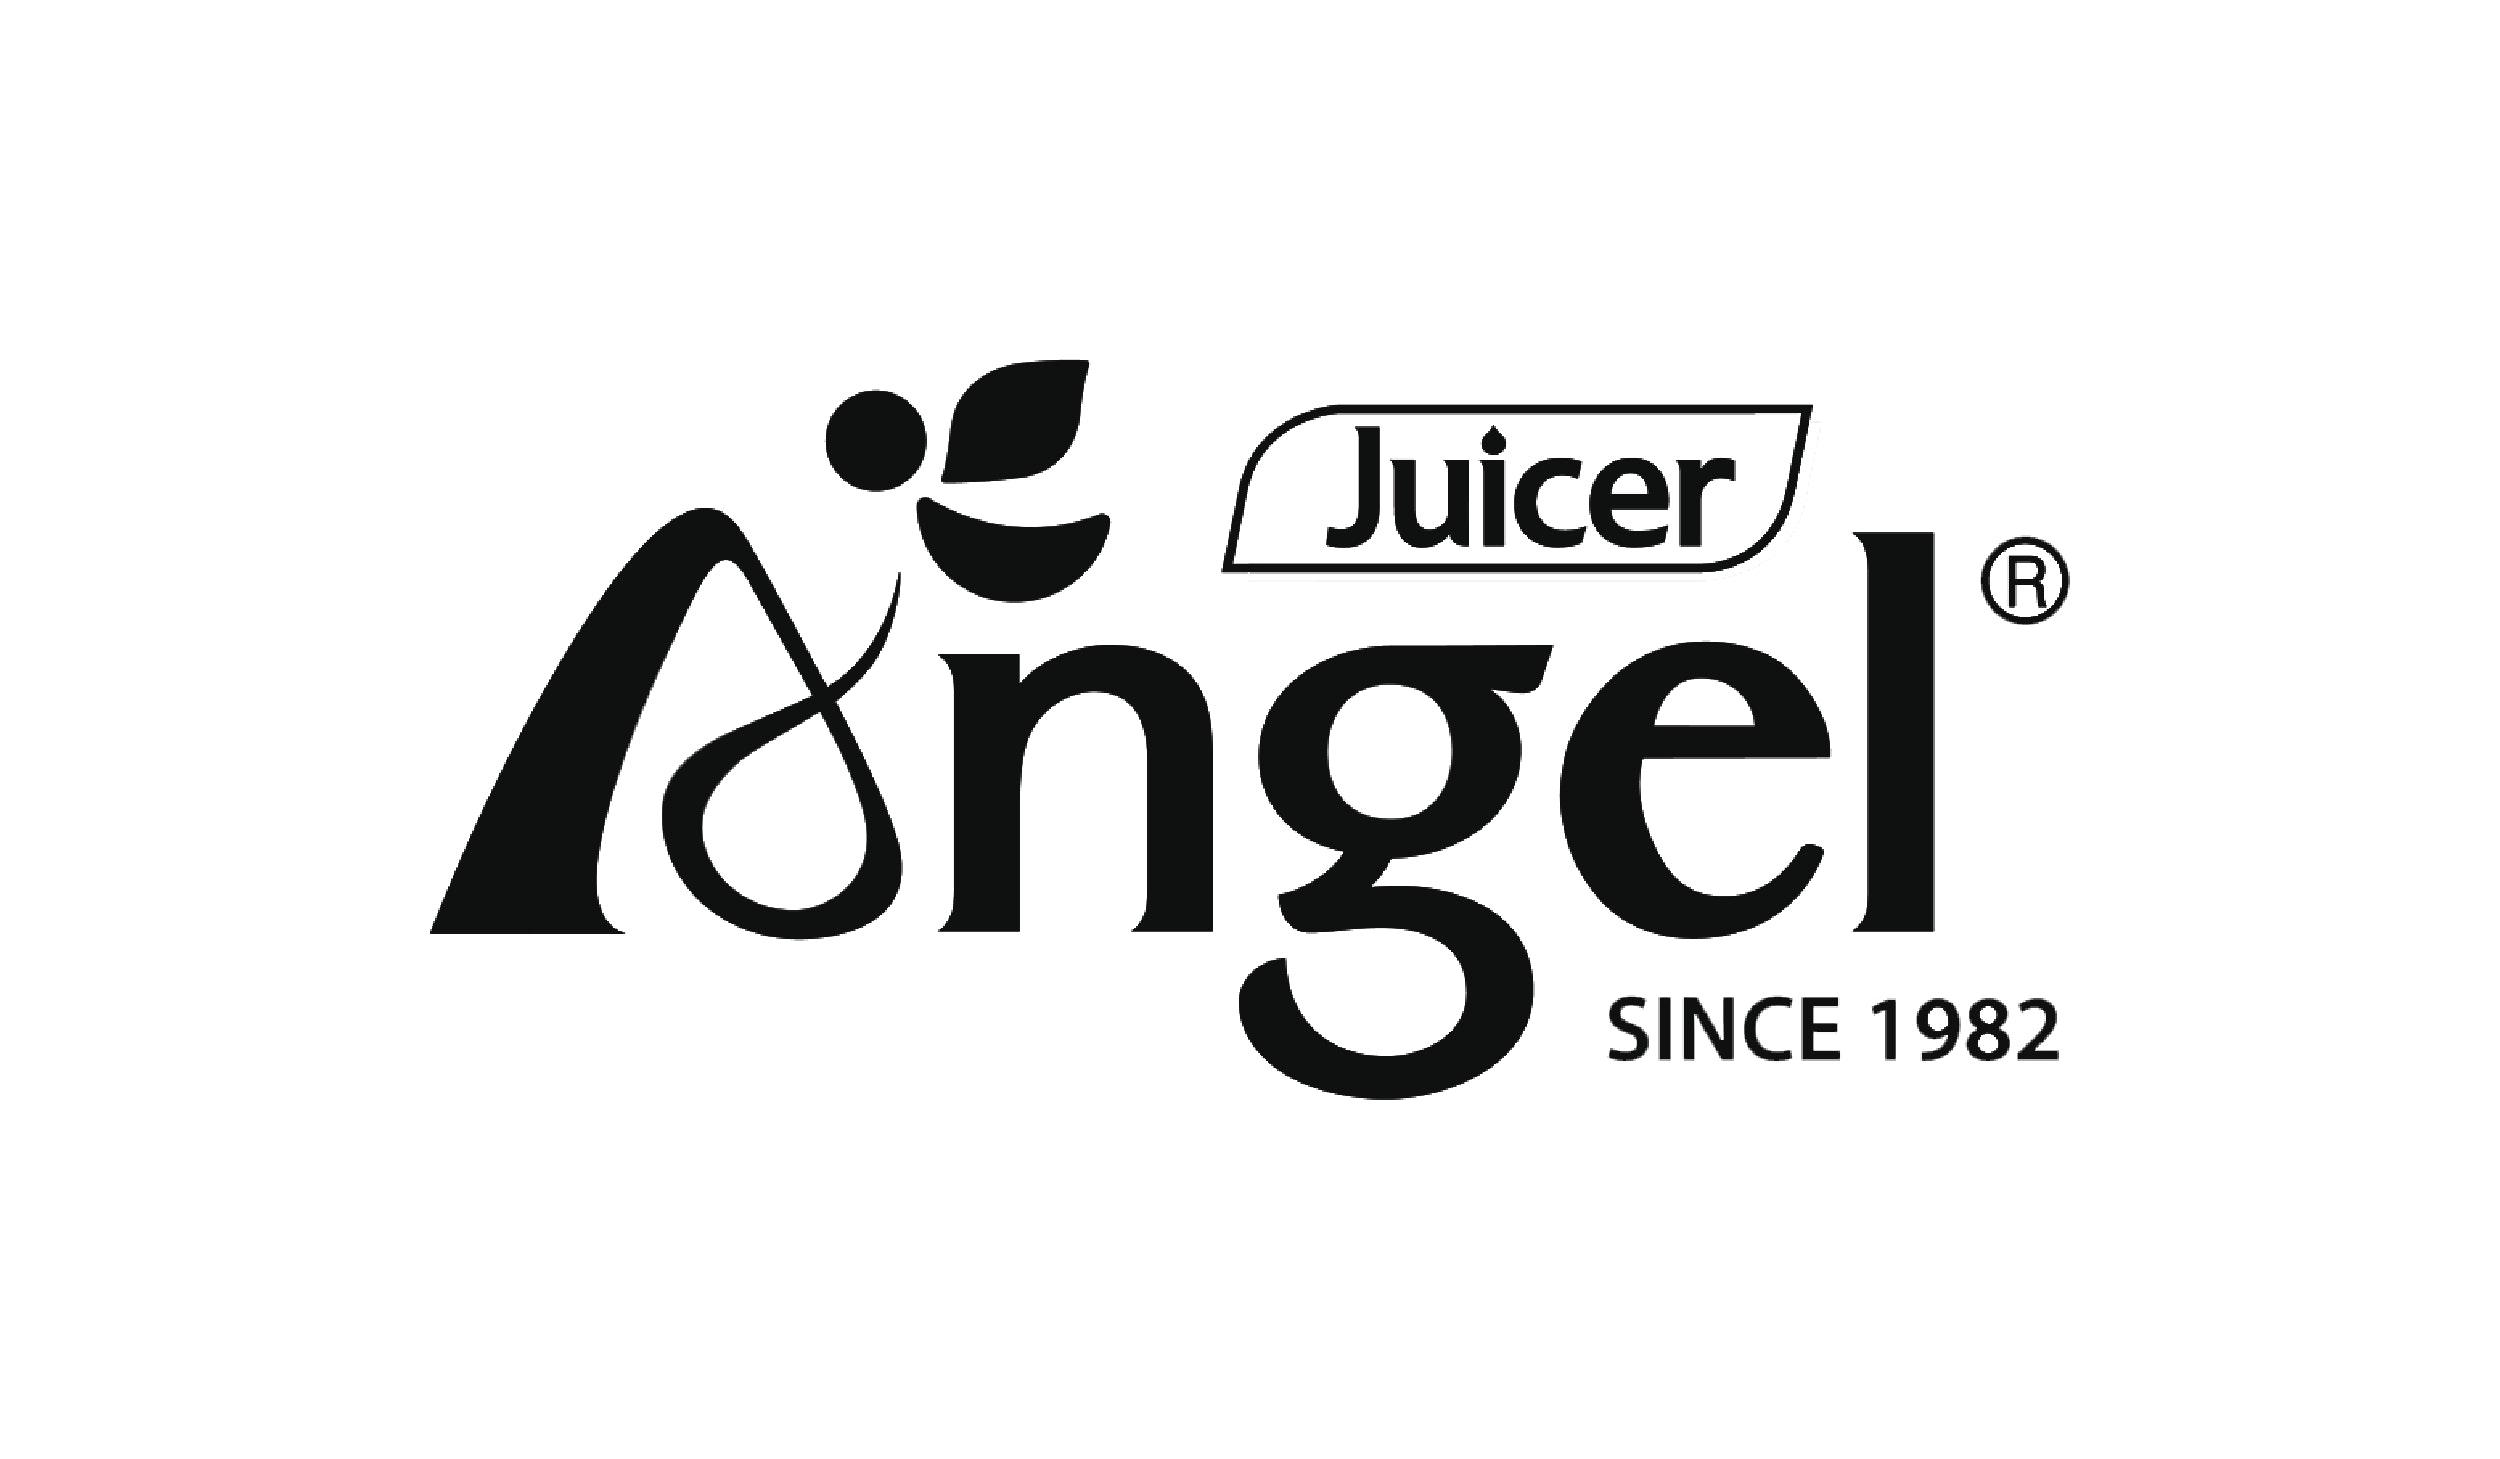 Angel Juicer logo